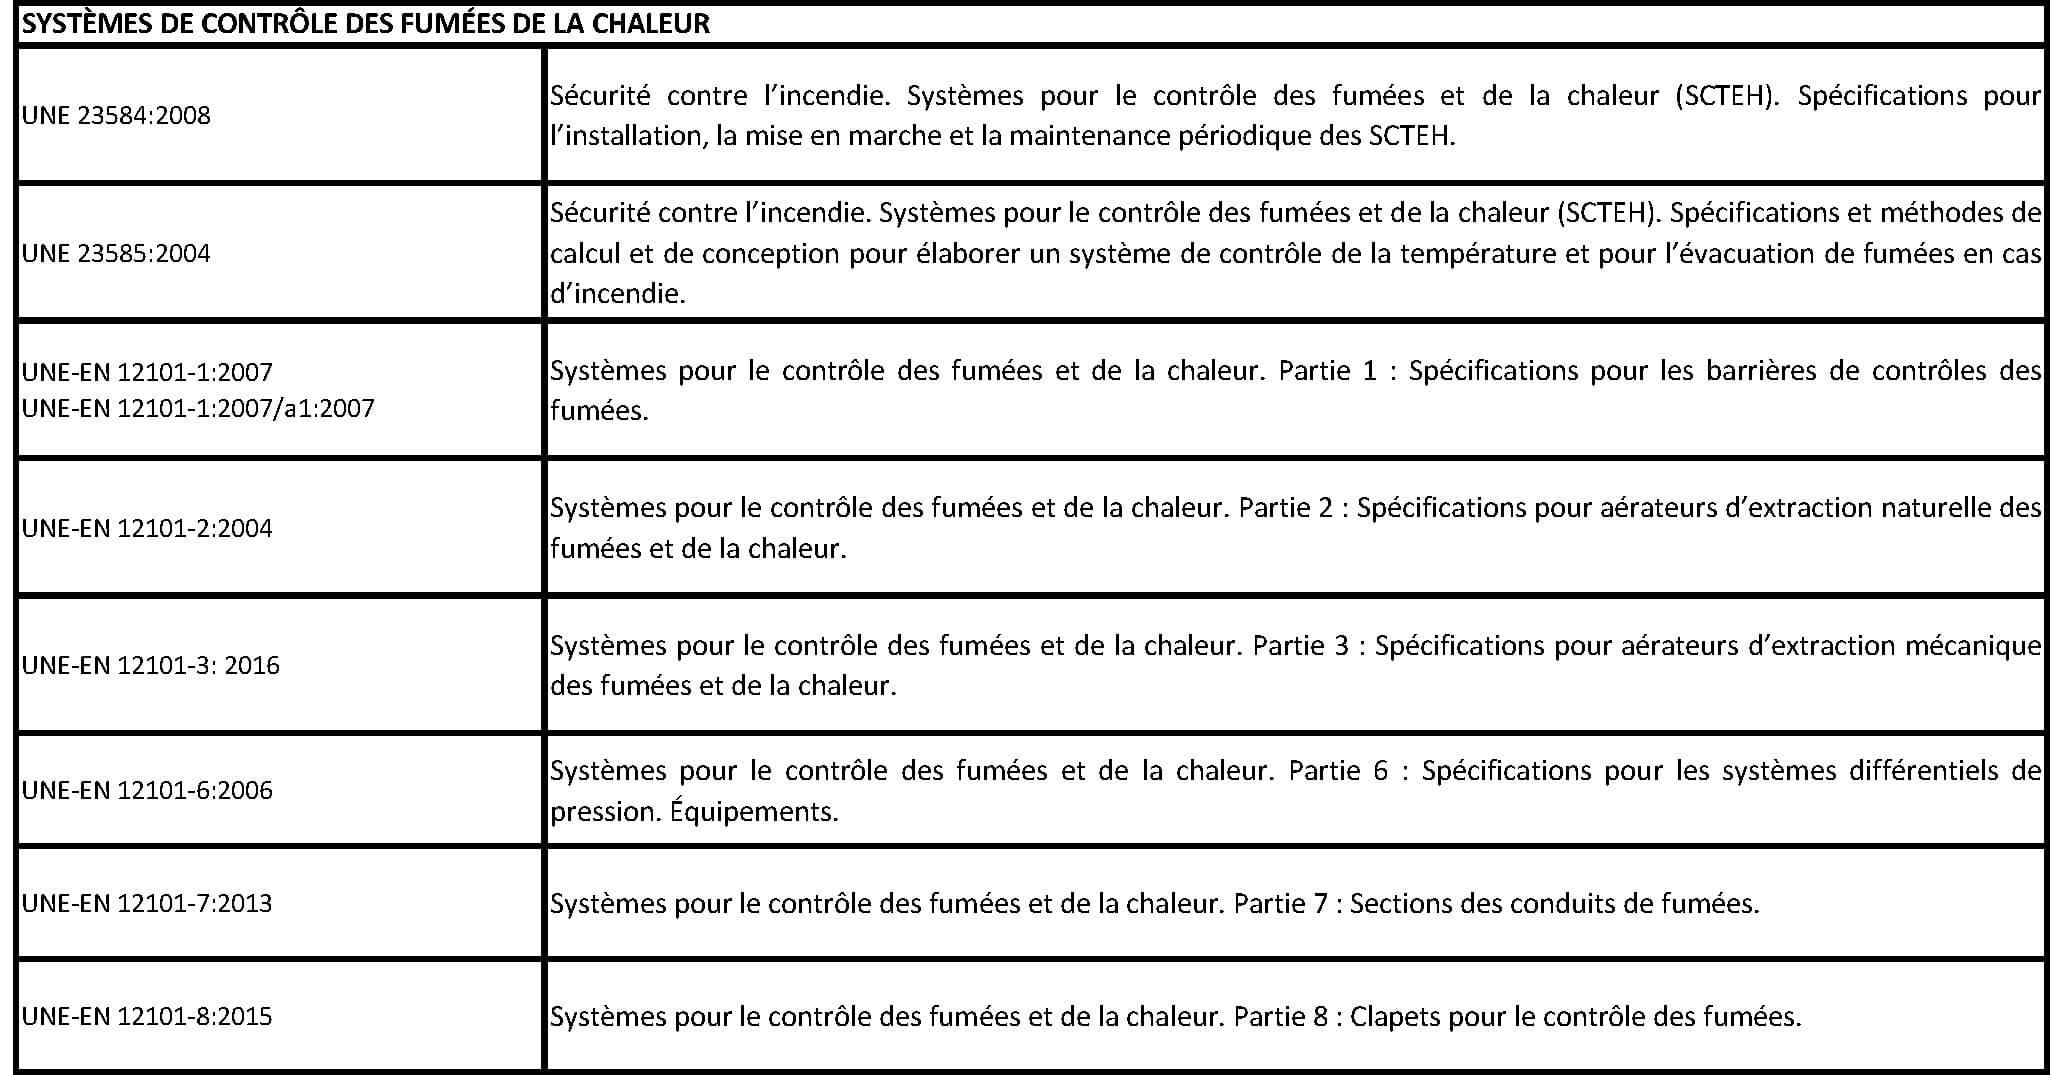 SYSTÈMES DE CONTRÔLE DES FUMÉES DE LA CHALEUR